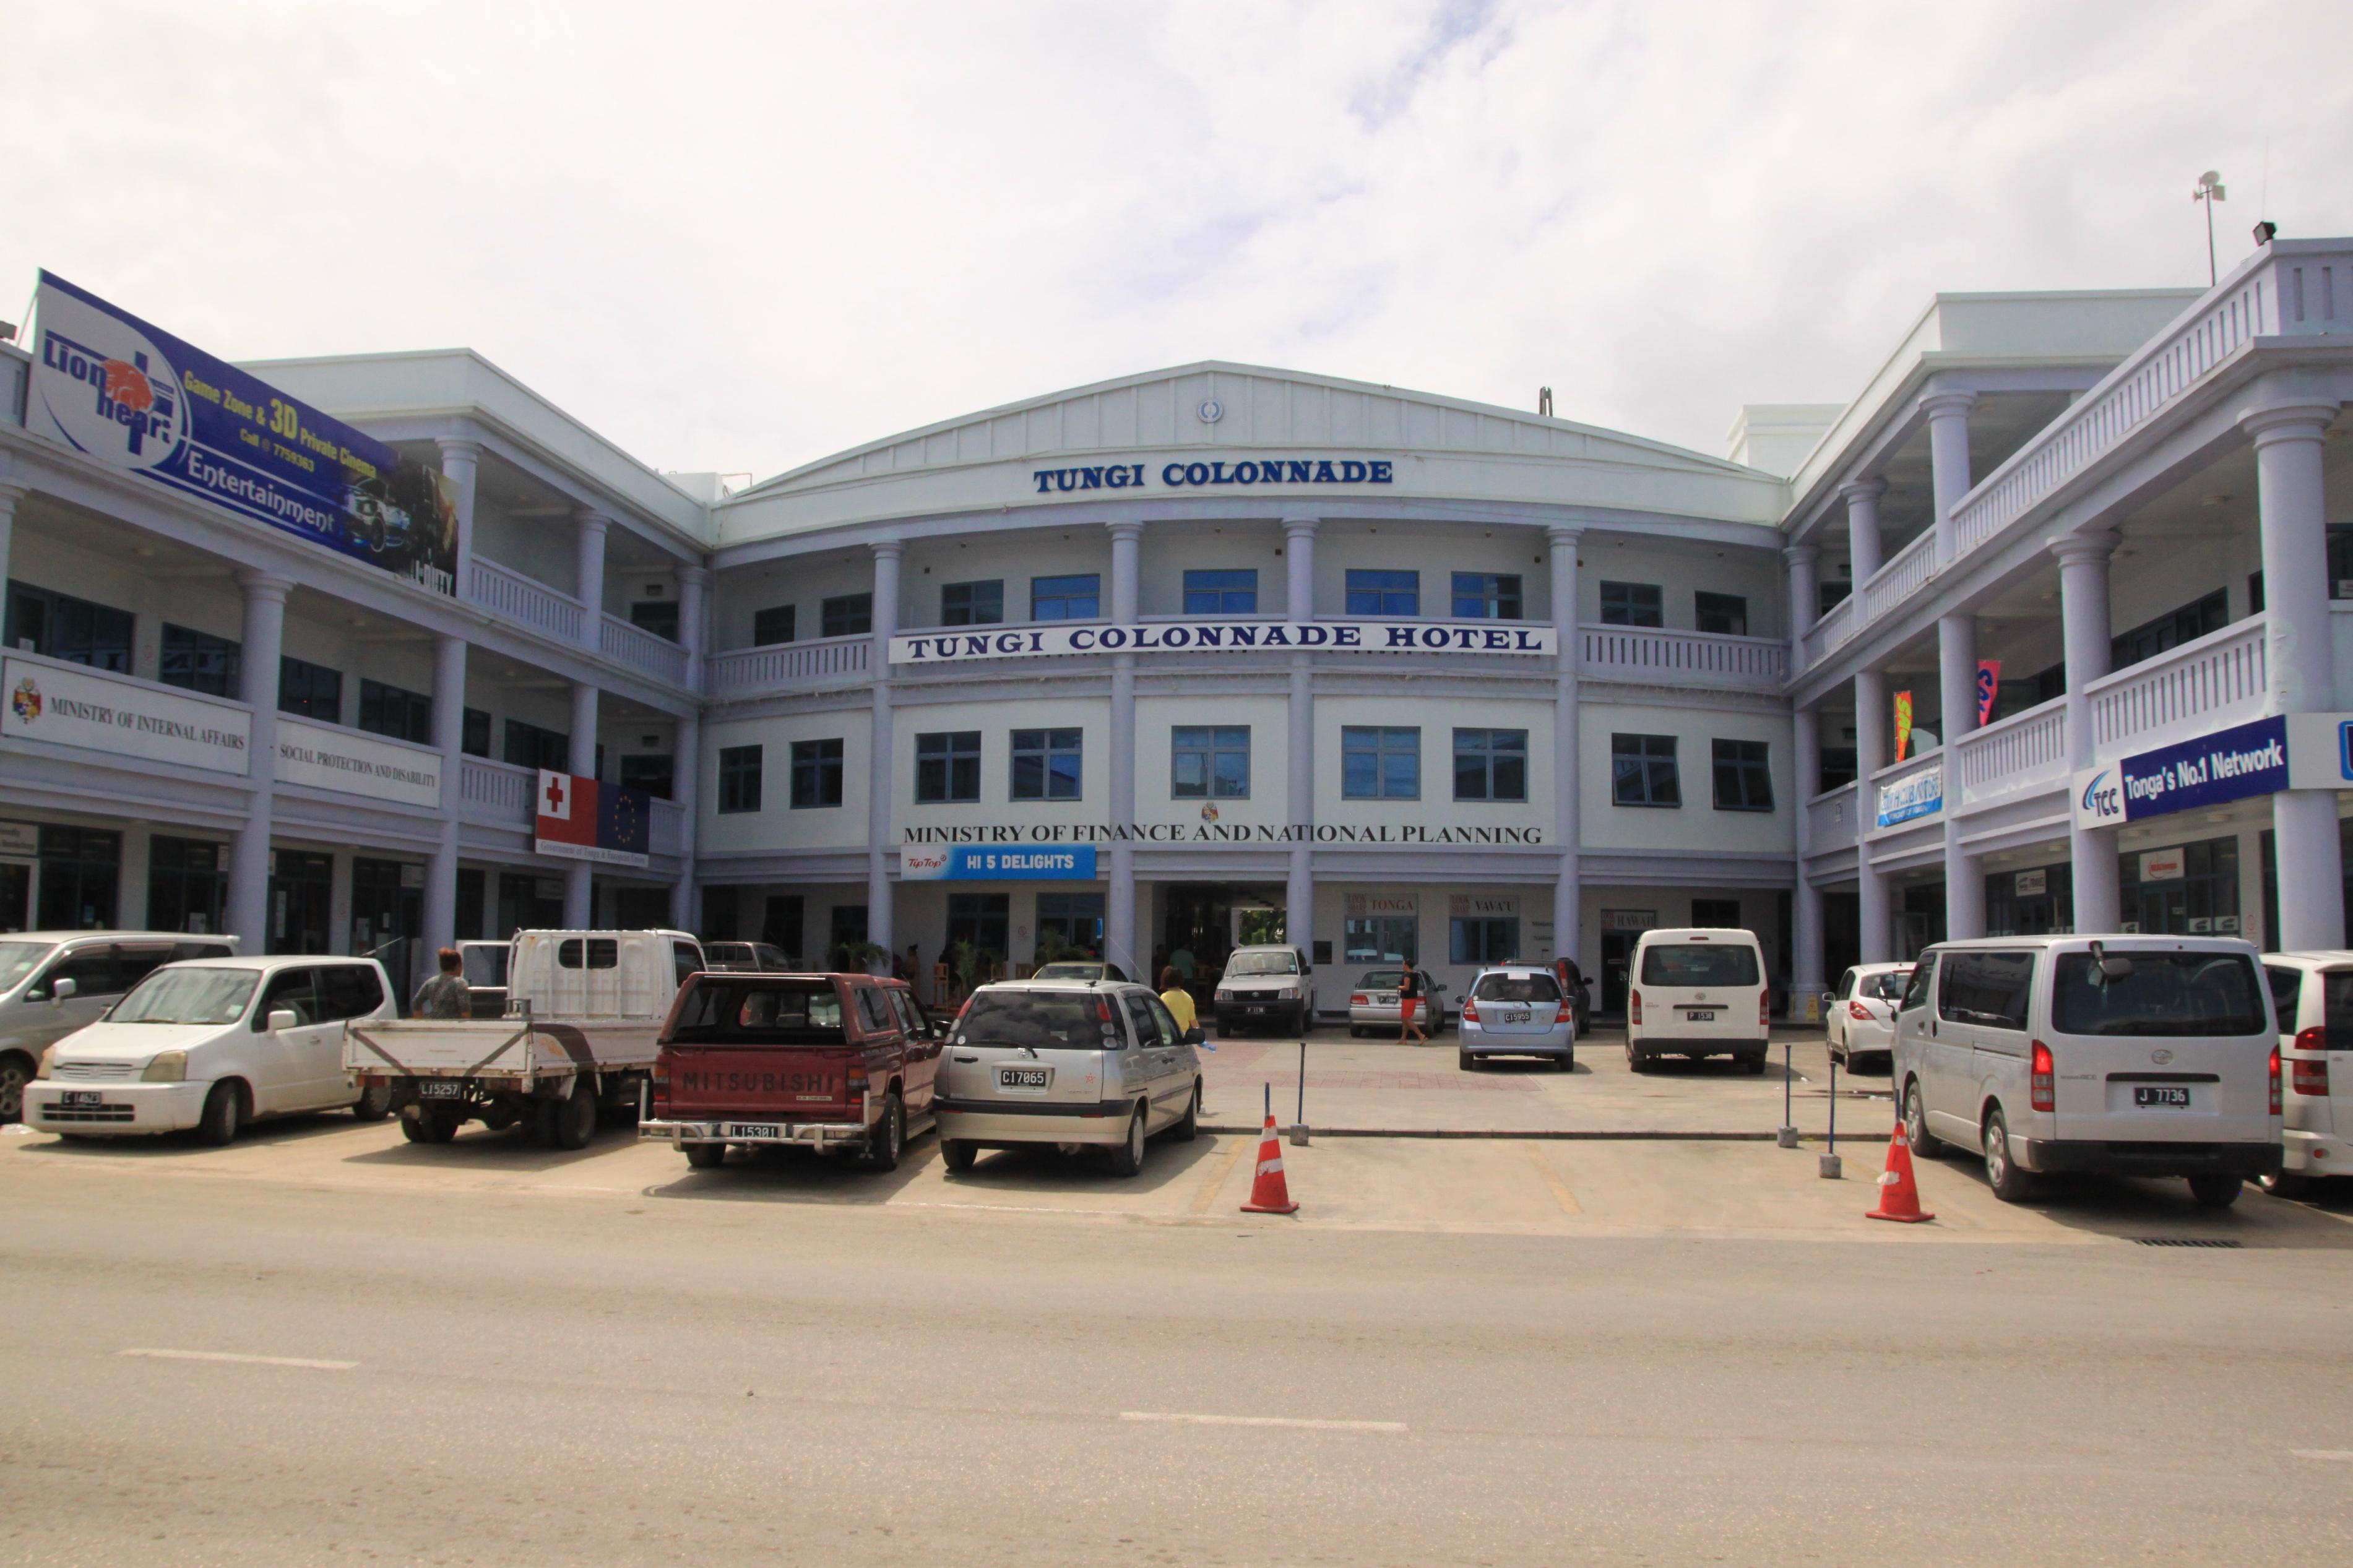 Ez a tongai Kossuth-tér: pénzügyminisztérium, szociális ügyek minisztériuma, EU-s nagykövetség és mobilteló bolt.